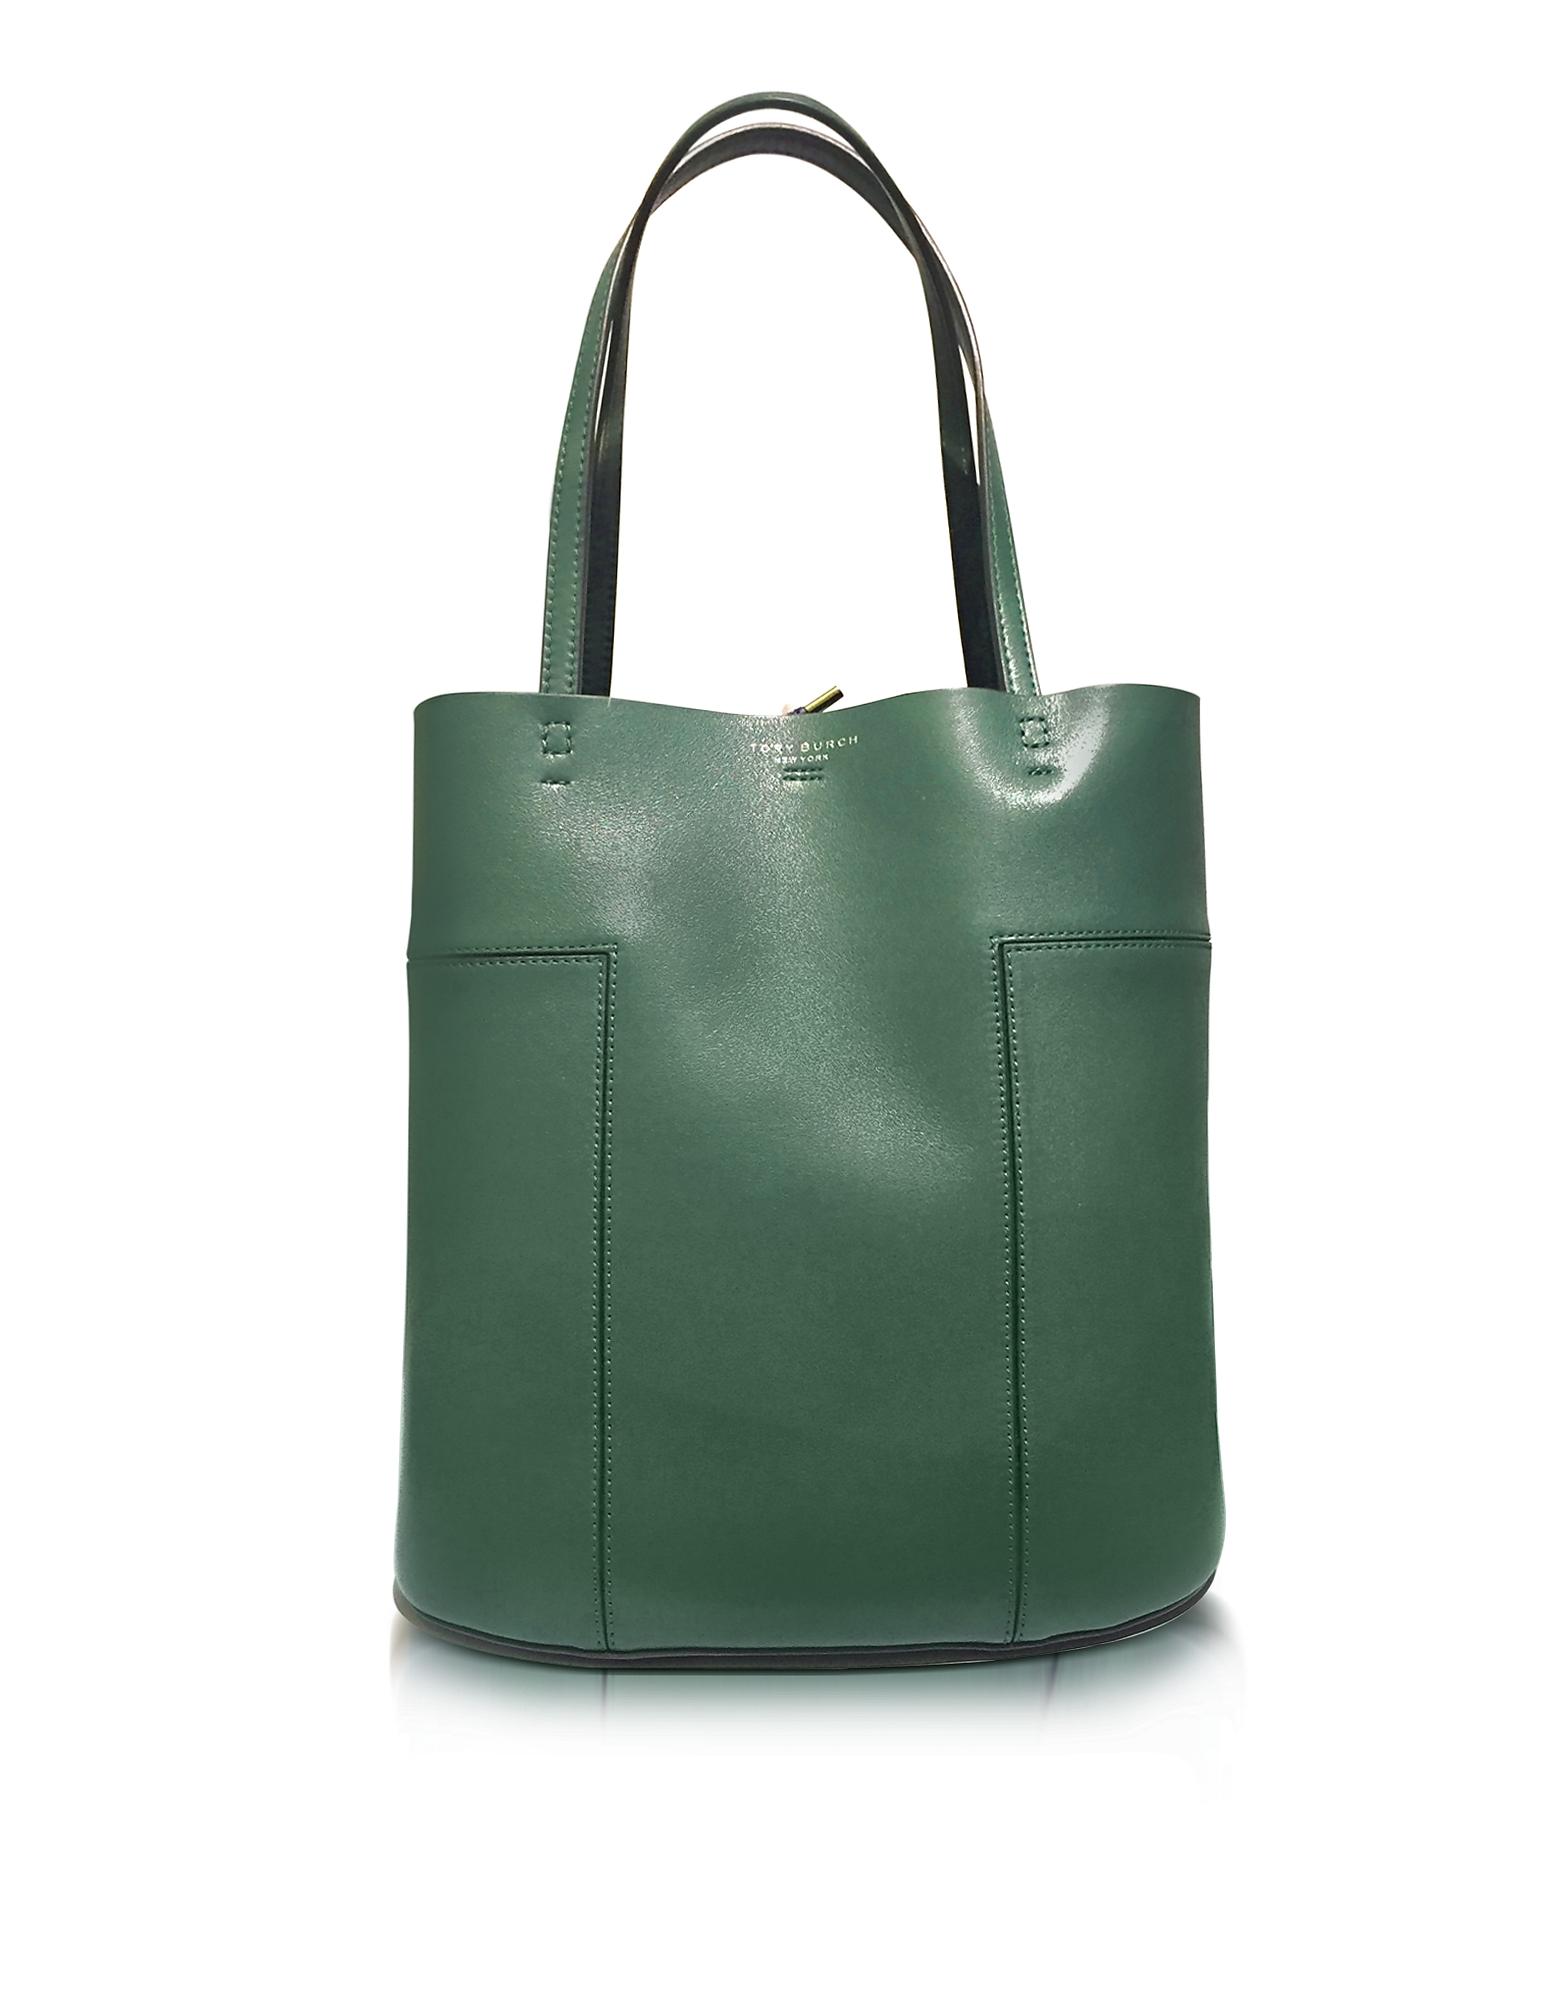 Tory Burch Handbags, Block-T Leather Medium Tote